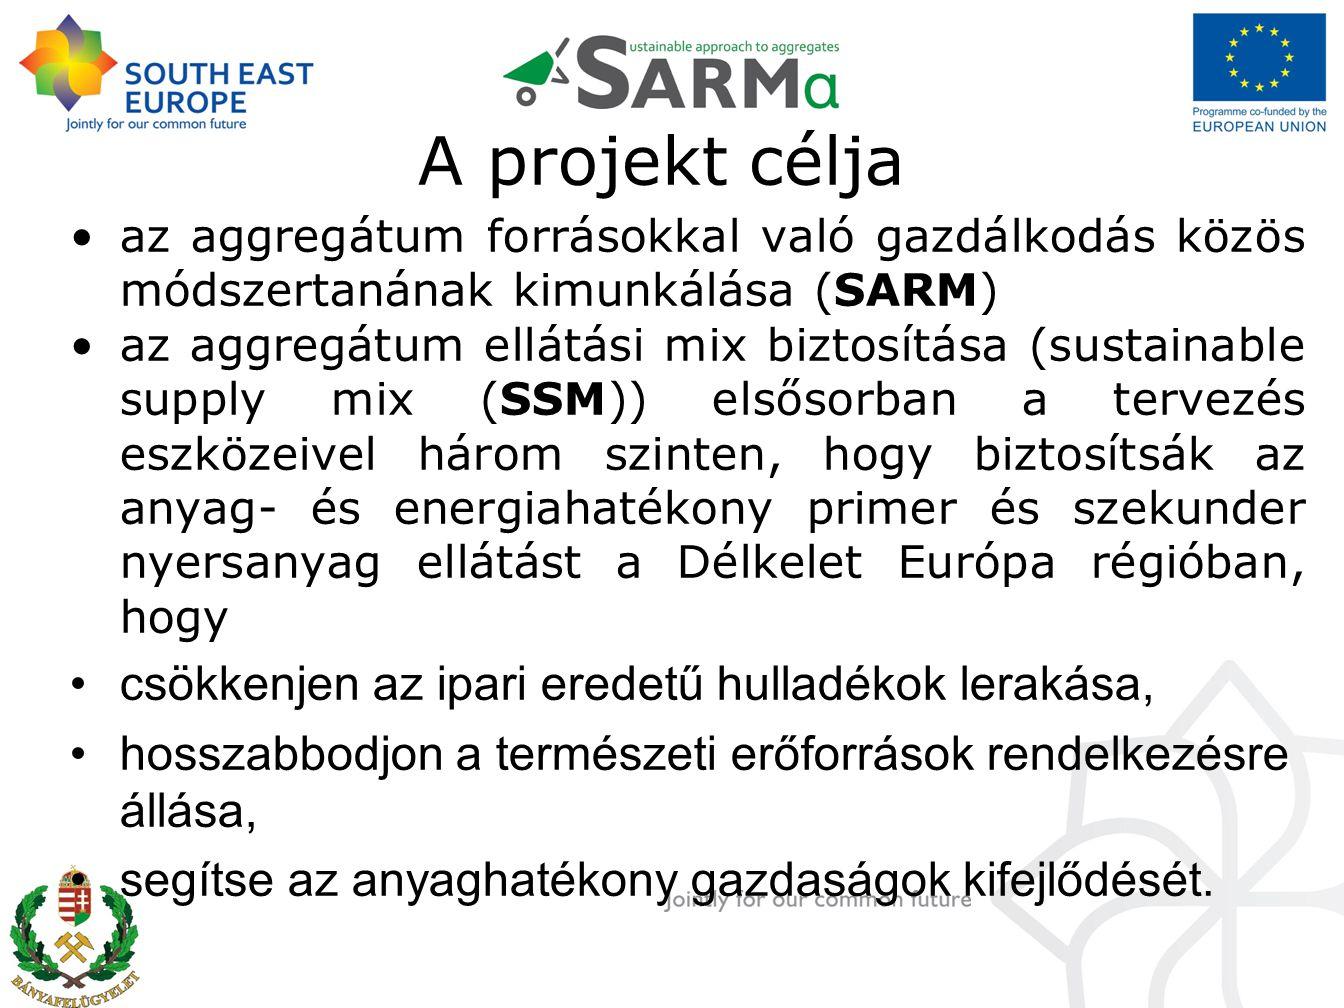 A projekt célja az aggregátum forrásokkal való gazdálkodás közös módszertanának kimunkálása (SARM) az aggregátum ellátási mix biztosítása (sustainable supply mix (SSM)) elsősorban a tervezés eszközeivel három szinten, hogy biztosítsák az anyag- és energiahatékony primer és szekunder nyersanyag ellátást a Délkelet Európa régióban, hogy csökkenjen az ipari eredetű hulladékok lerakása, hosszabbodjon a természeti erőforrások rendelkezésre állása, segítse az anyaghatékony gazdaságok kifejlődését.